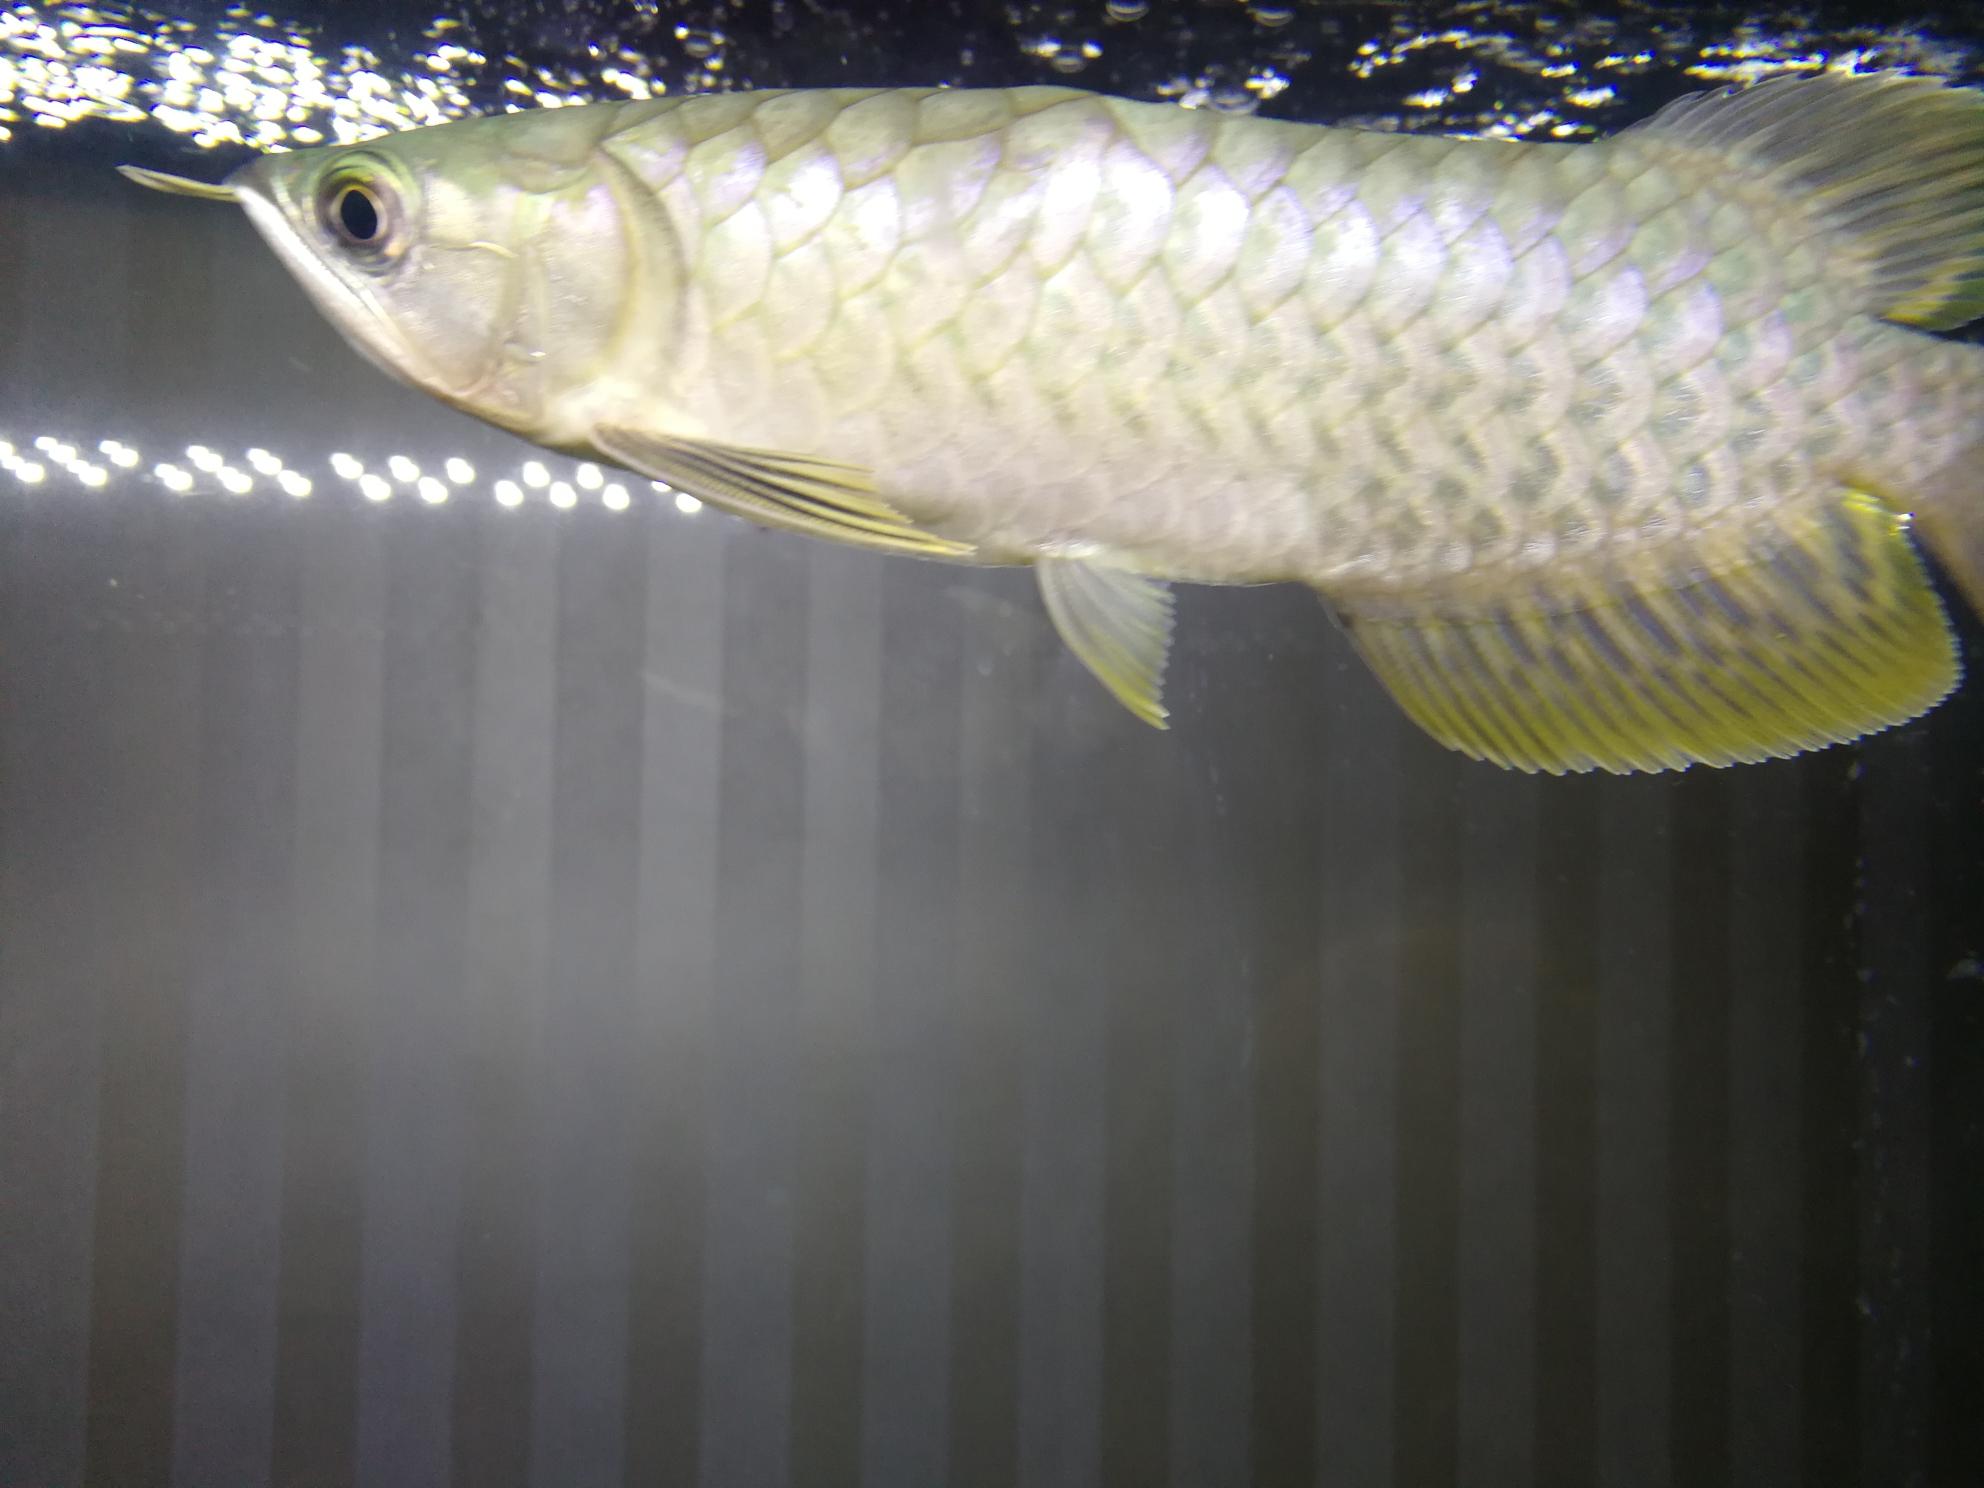 大家帮忙看看这是什么龙鱼 温州龙鱼论坛 温州龙鱼第2张